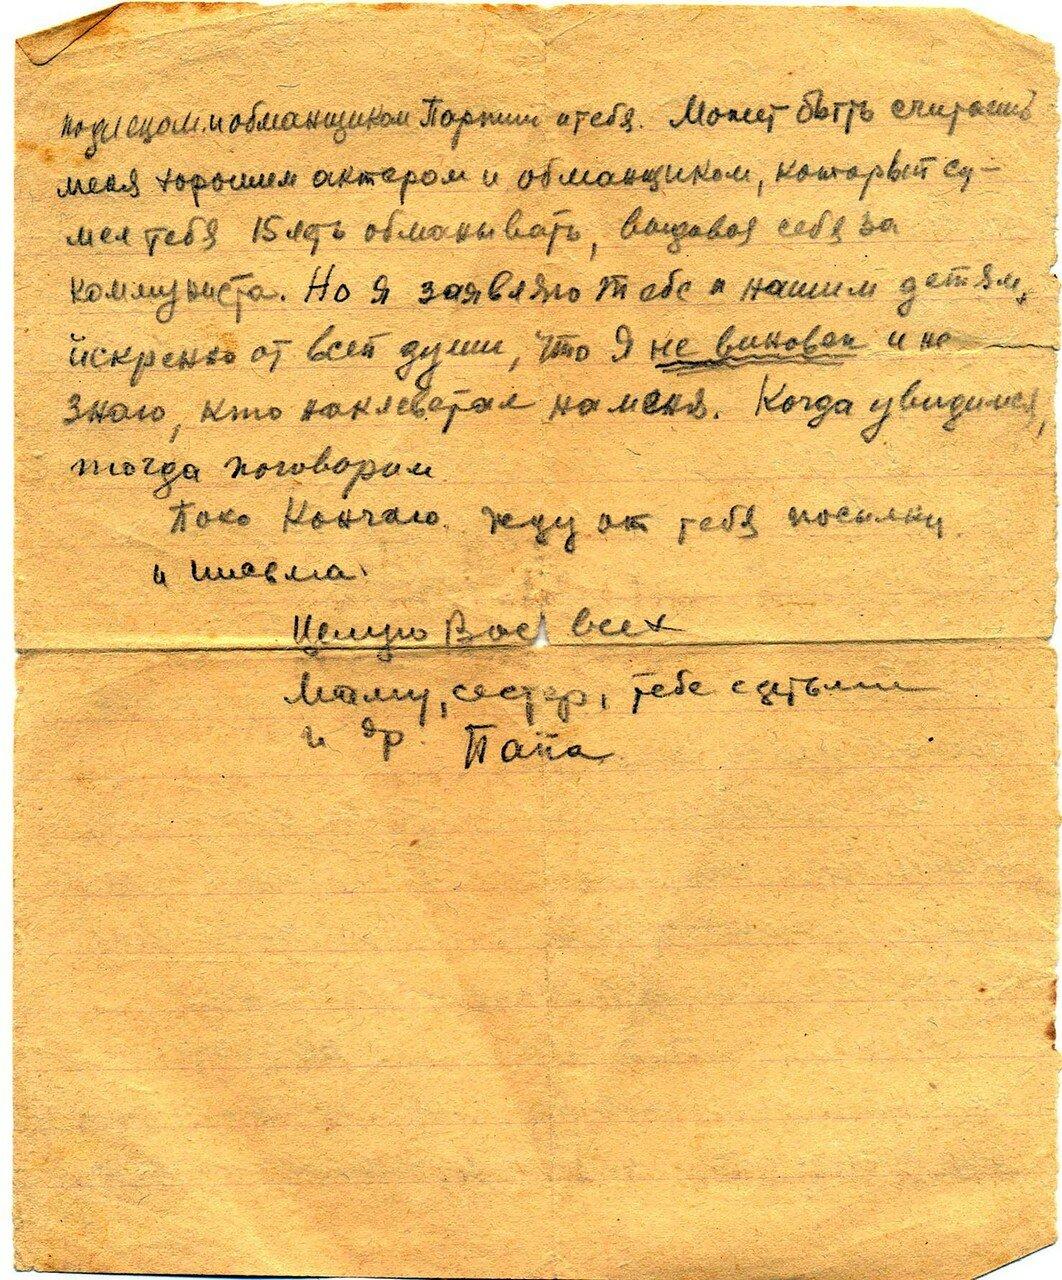 43. Письмо колхознице Петерсон от заключенного Каргапольлага